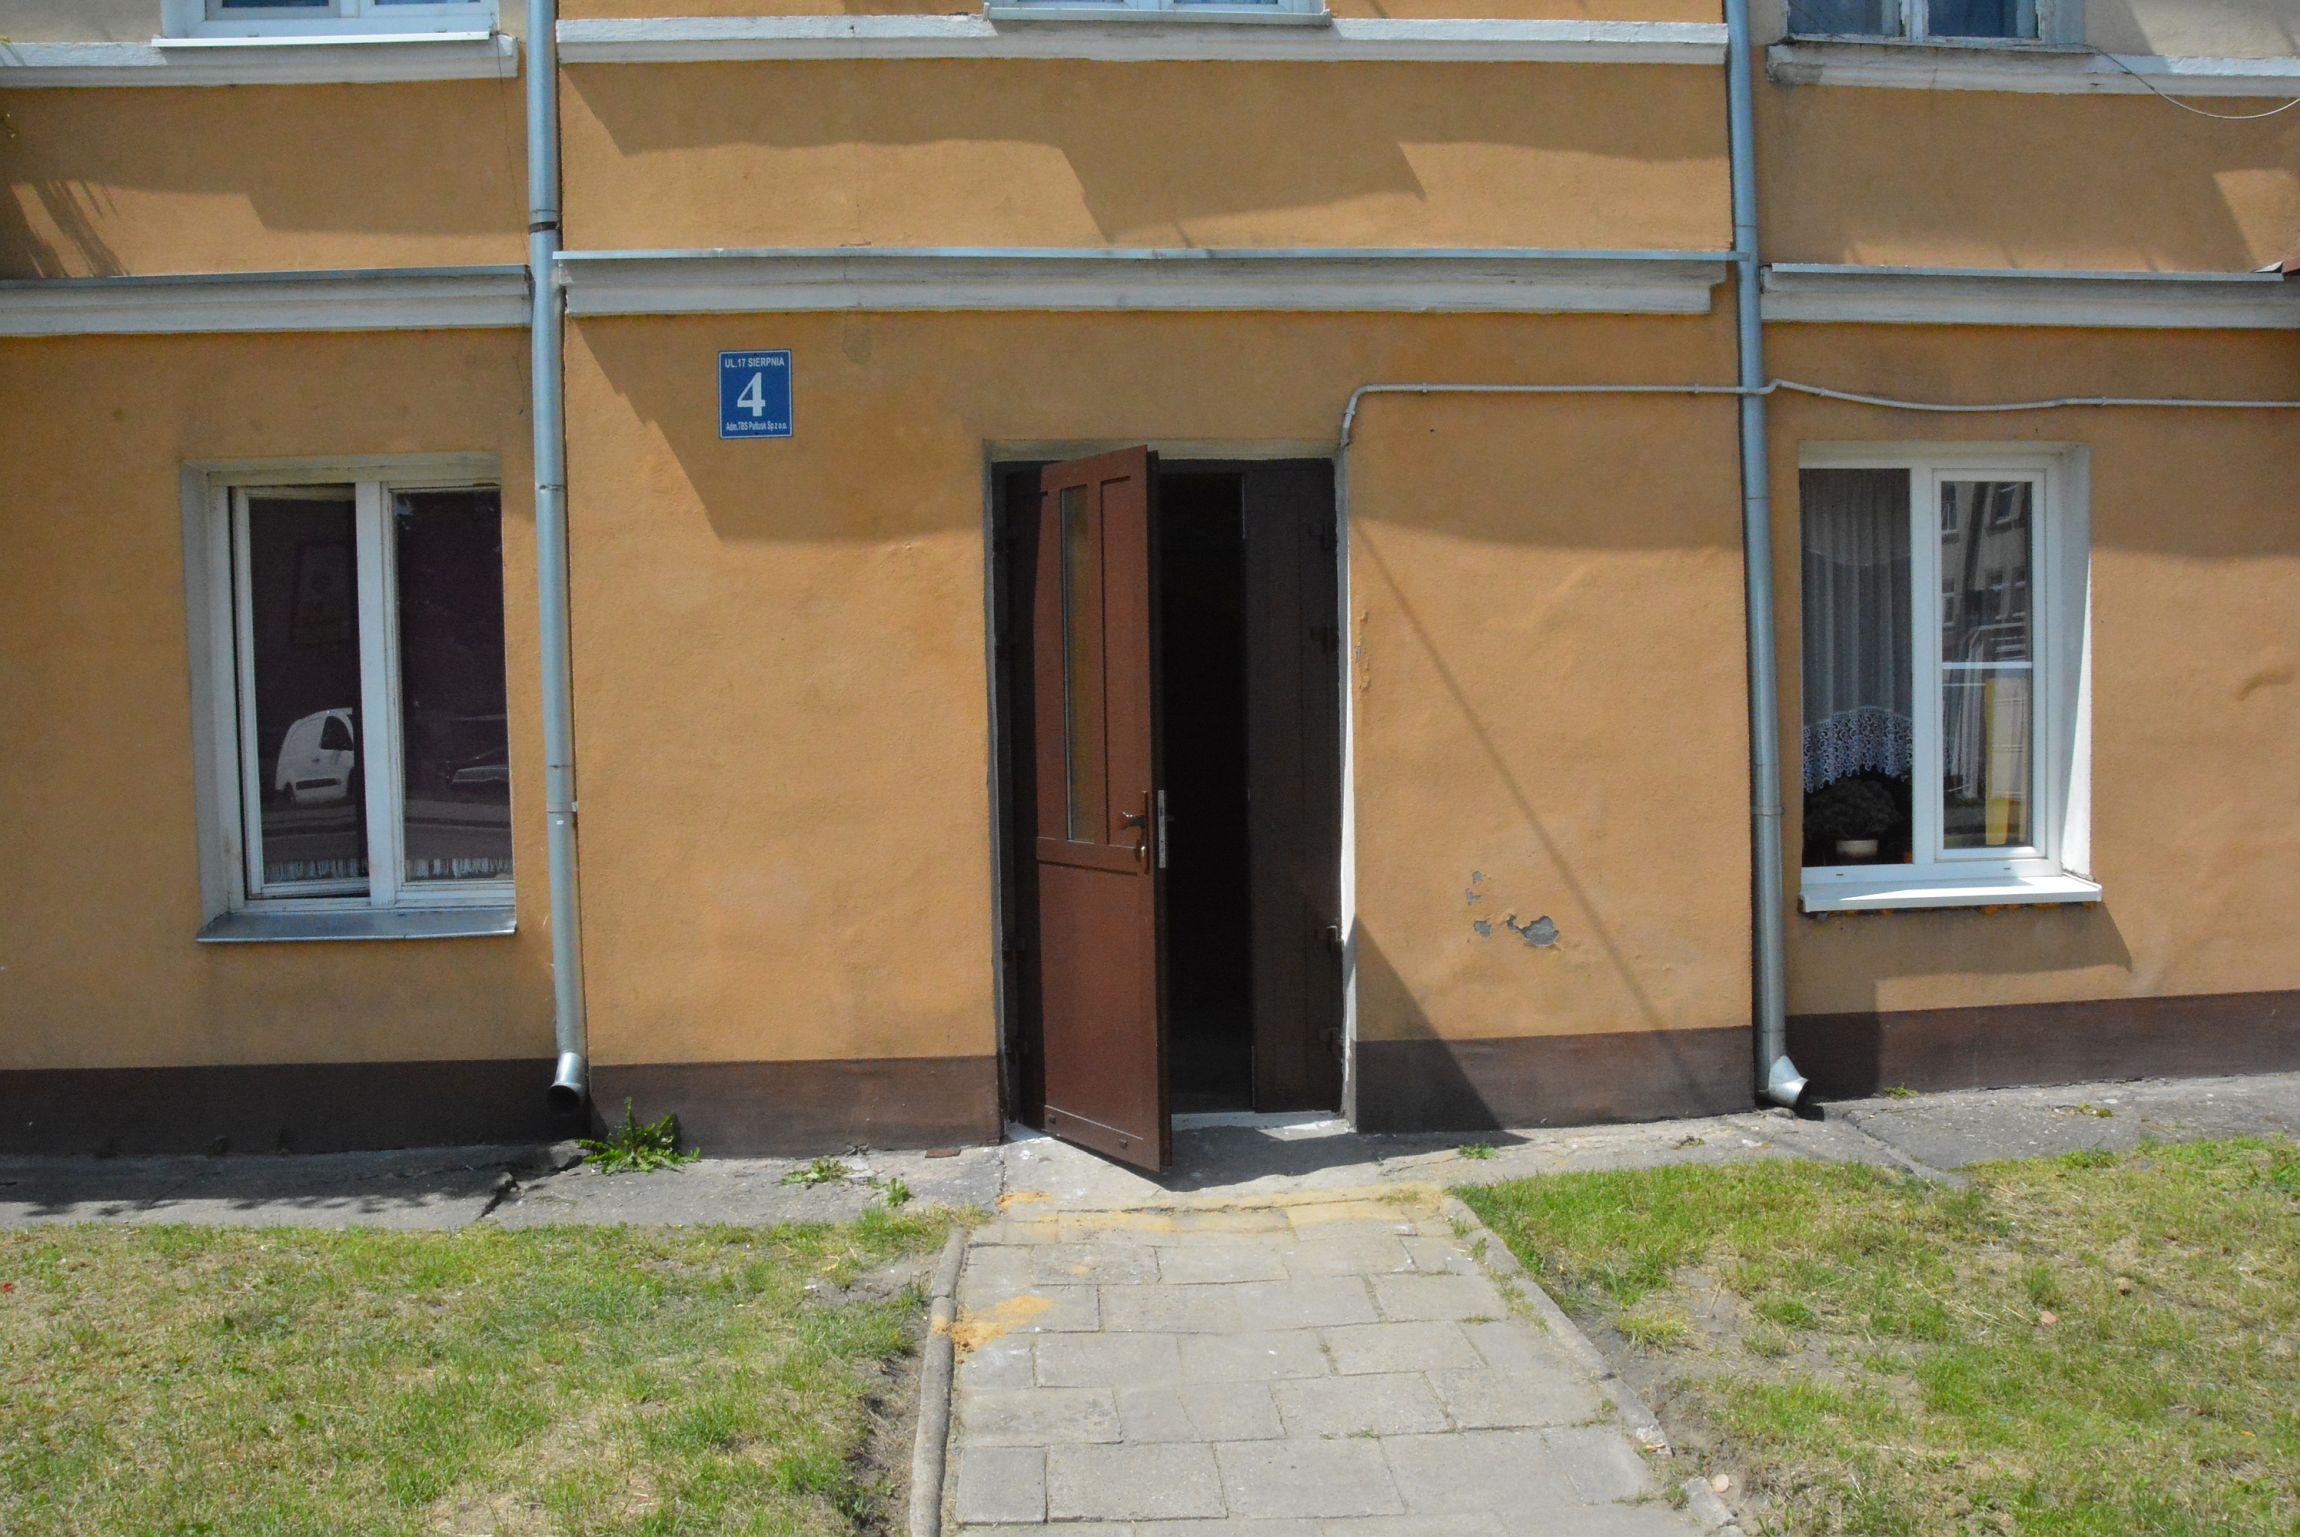 Kamienica przy ul. 17 Sierpnia 4 - drzwi do kamienicy